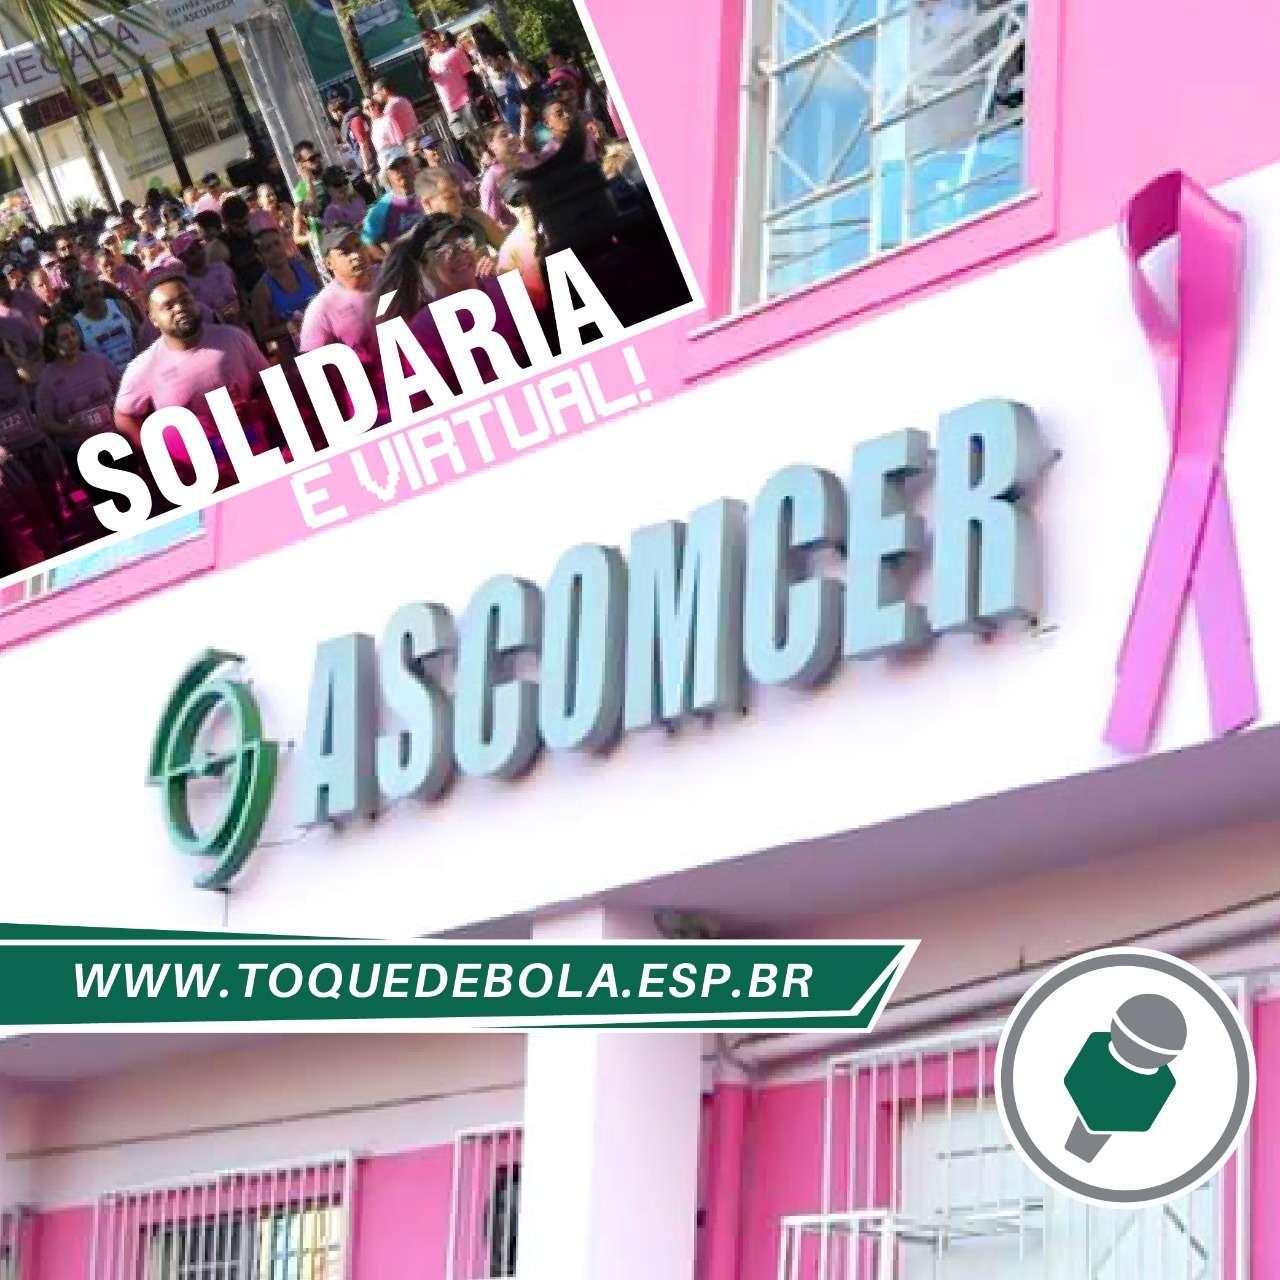 Read more about the article Corrida Solidária da Ascomcer: tradicional e virtual em 2020!